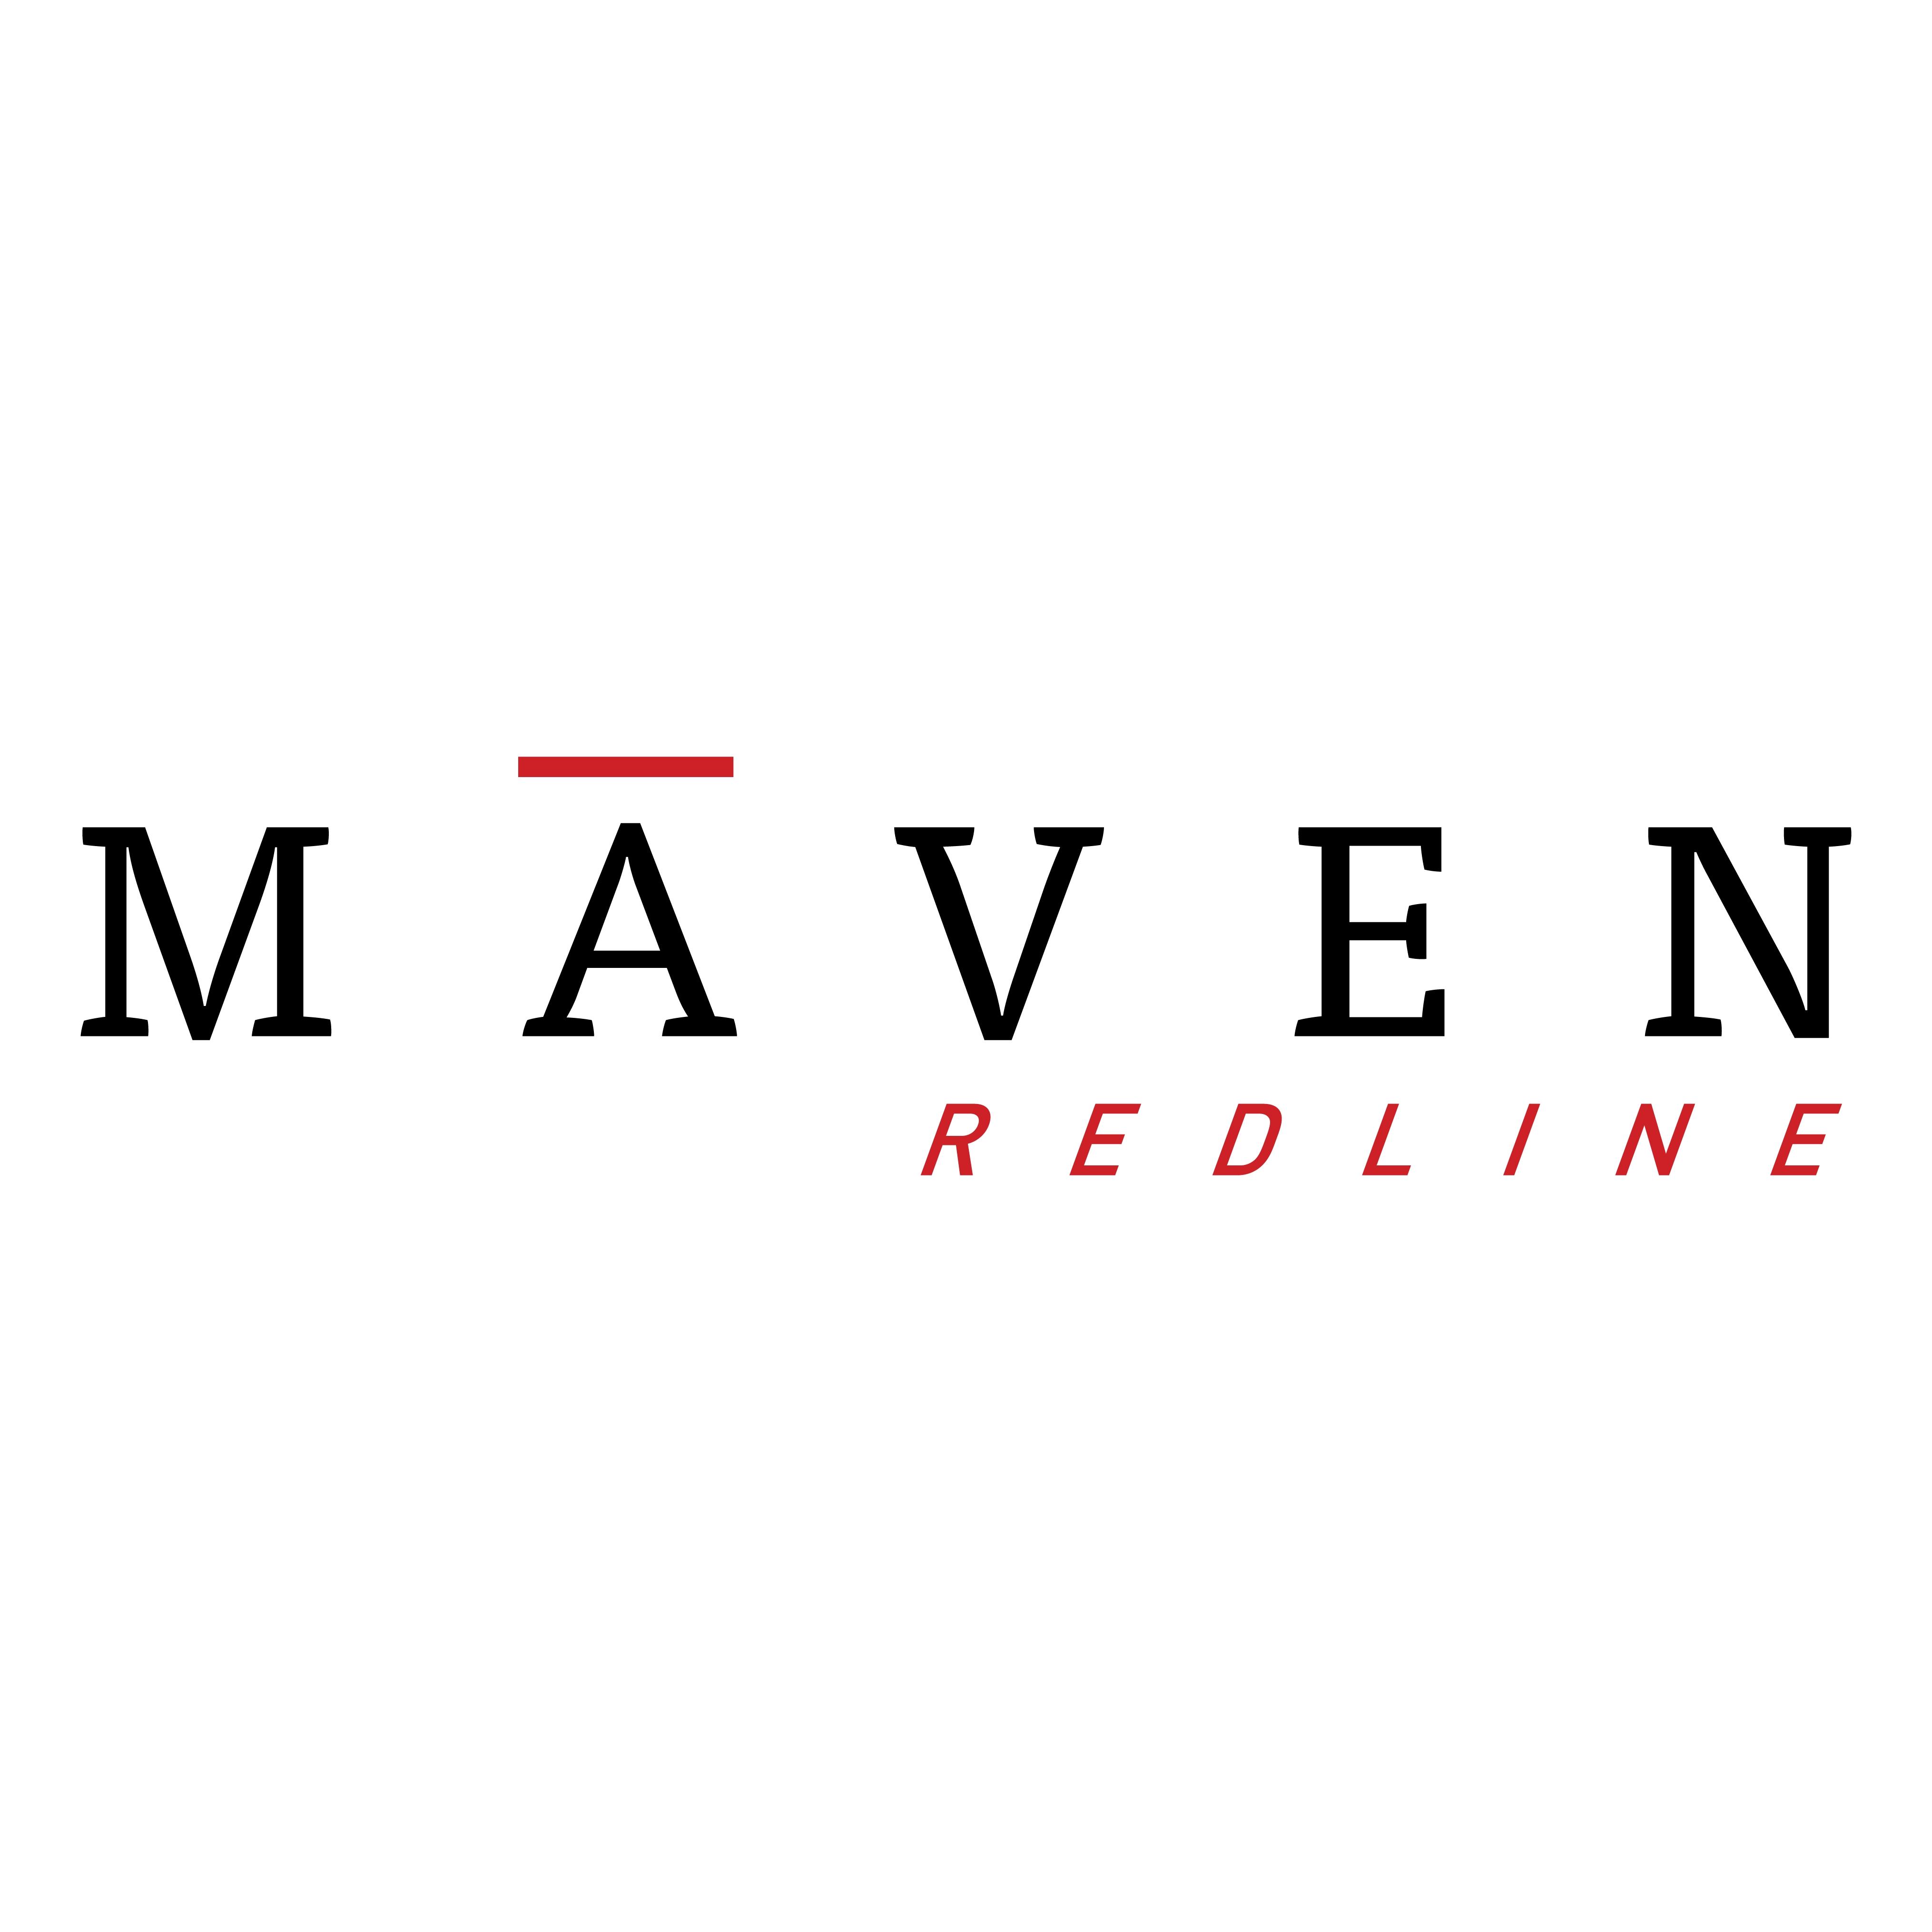 Maven Redline